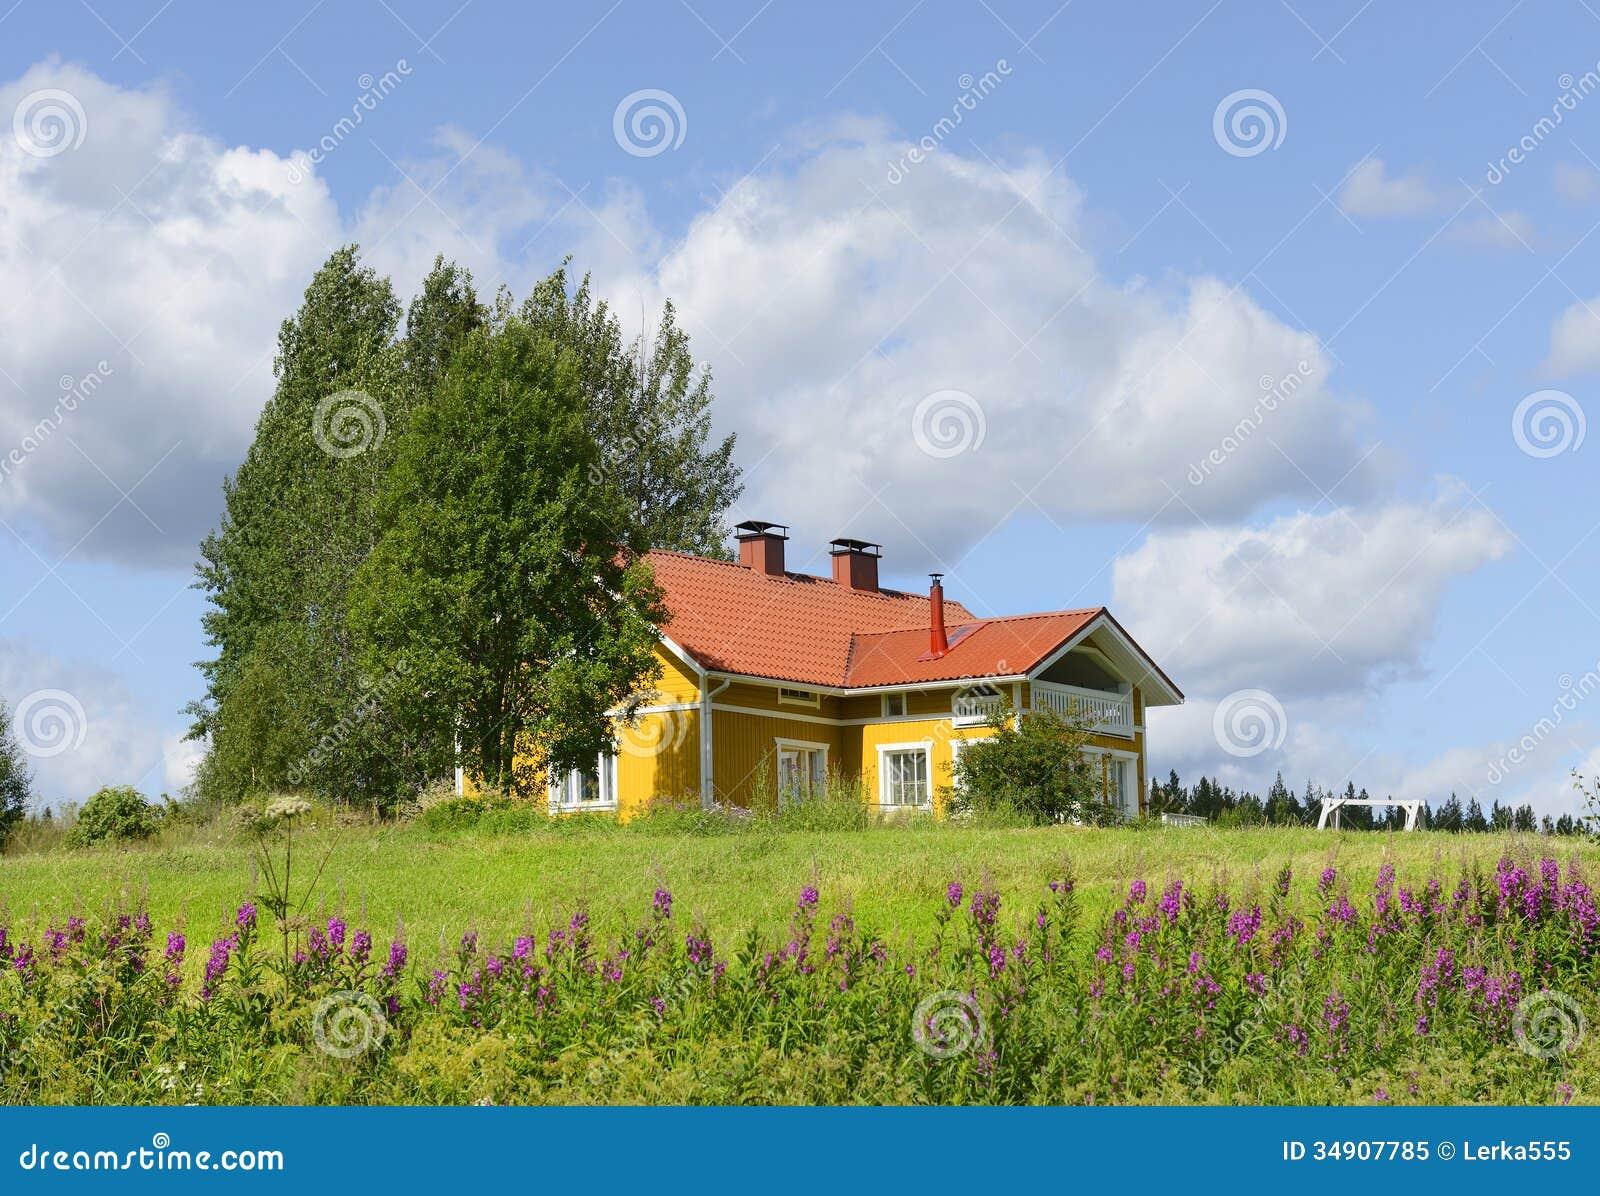 gelbes haus mit einem roten dach stockbild bild von gelb scenics 34907785. Black Bedroom Furniture Sets. Home Design Ideas